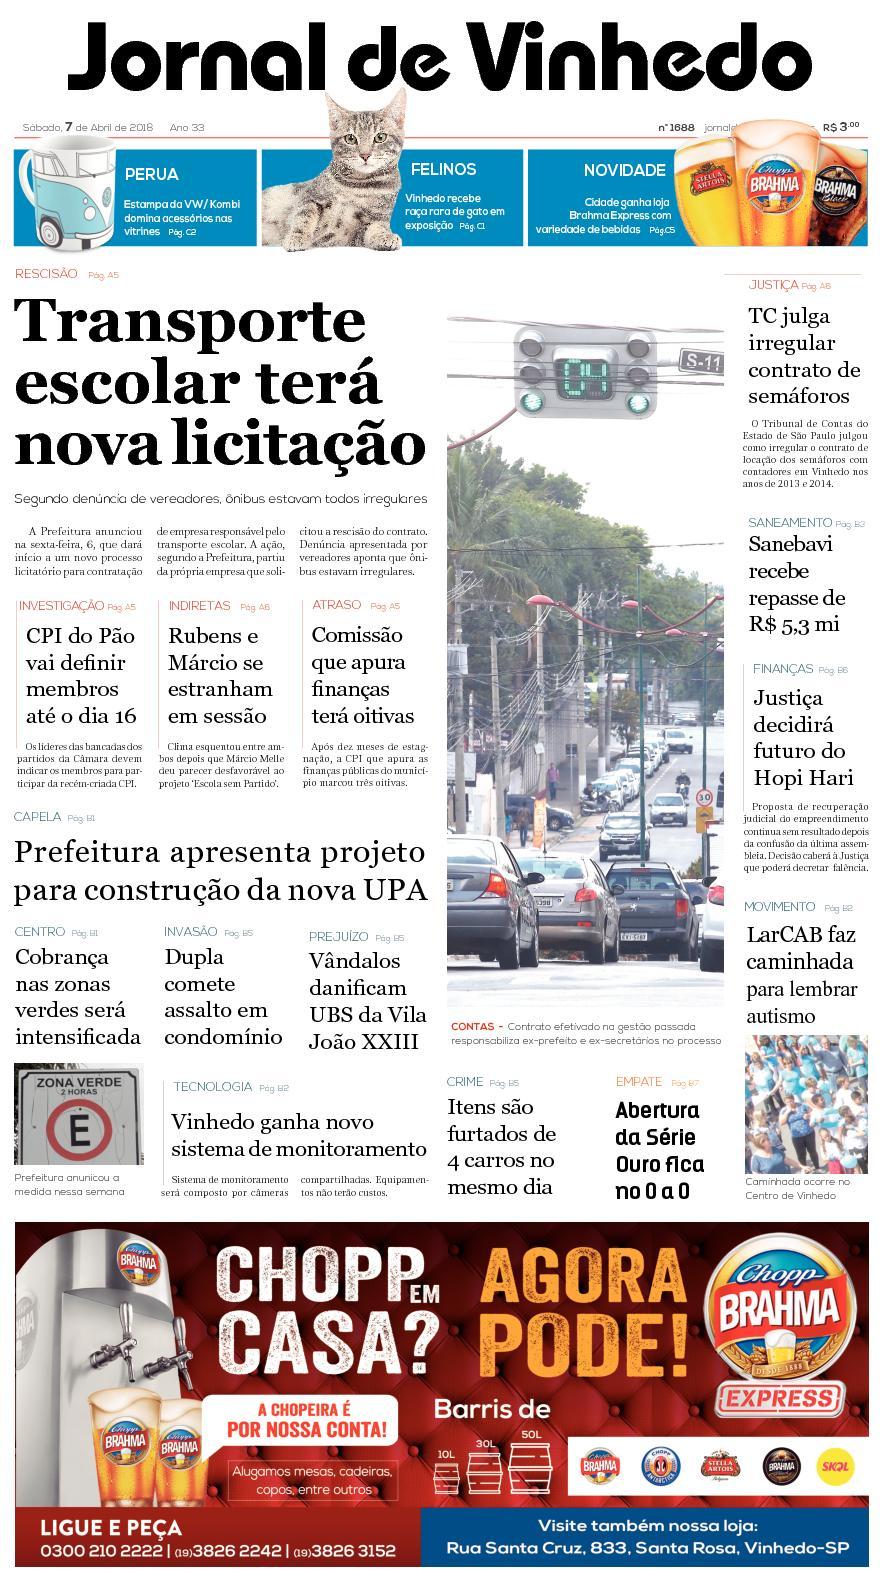 e67ecca4abf44 Calaméo - Jornal De Vinhedo Sabado 07 De Abril De 2018 Edic1687